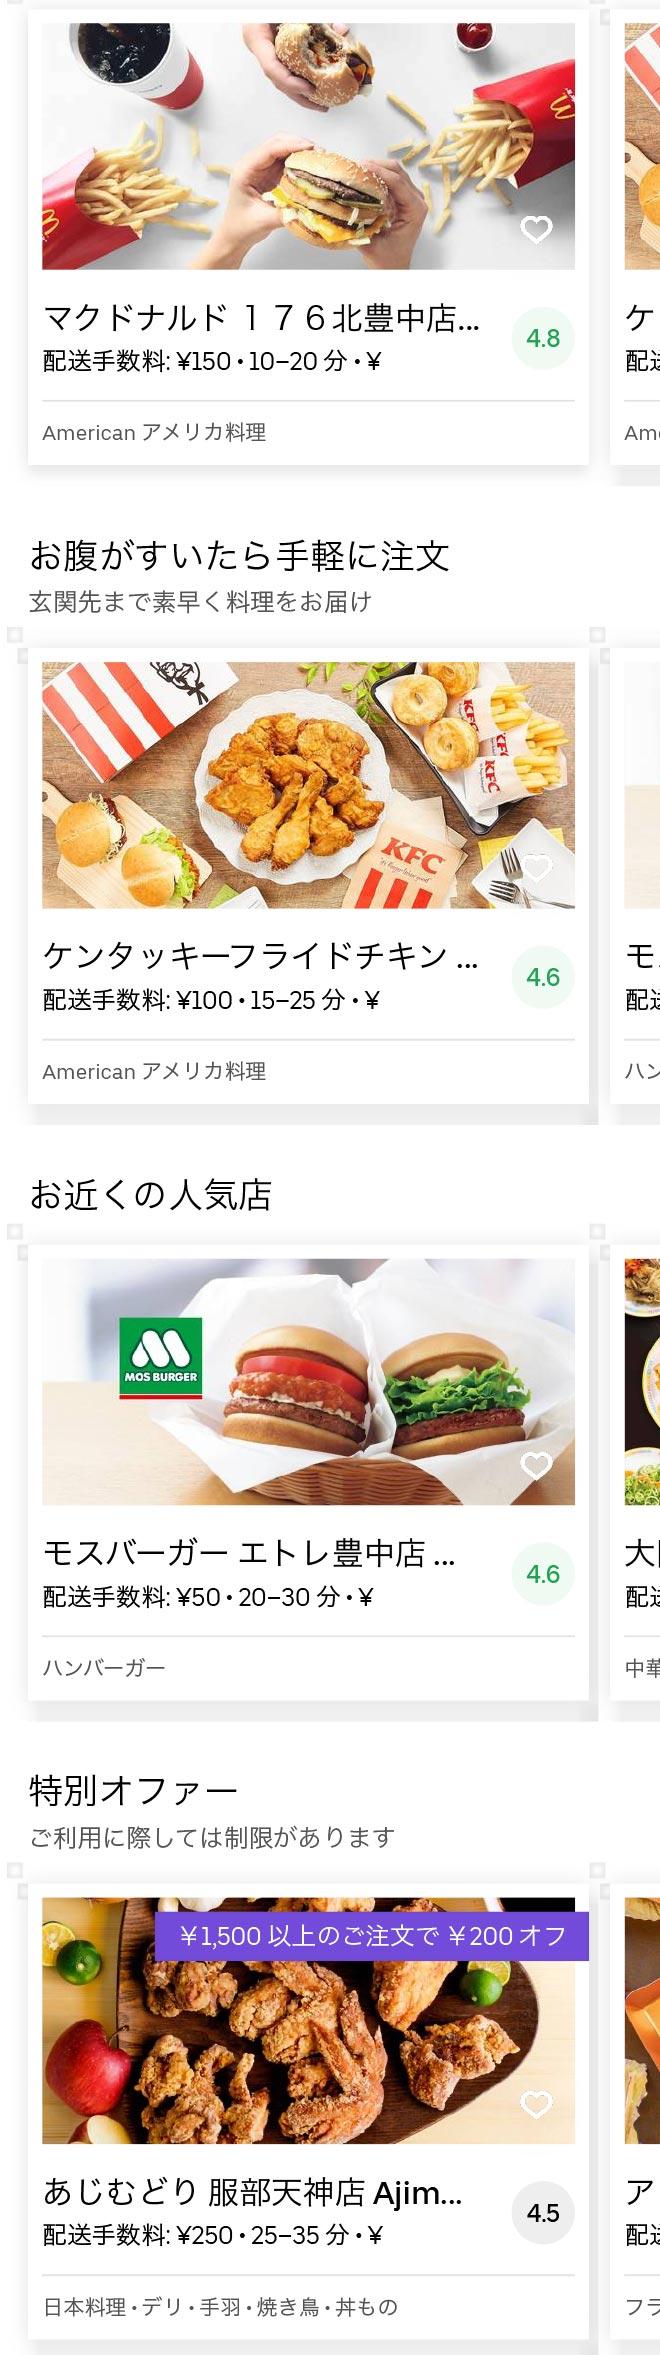 Toyonaka menu 2005 01